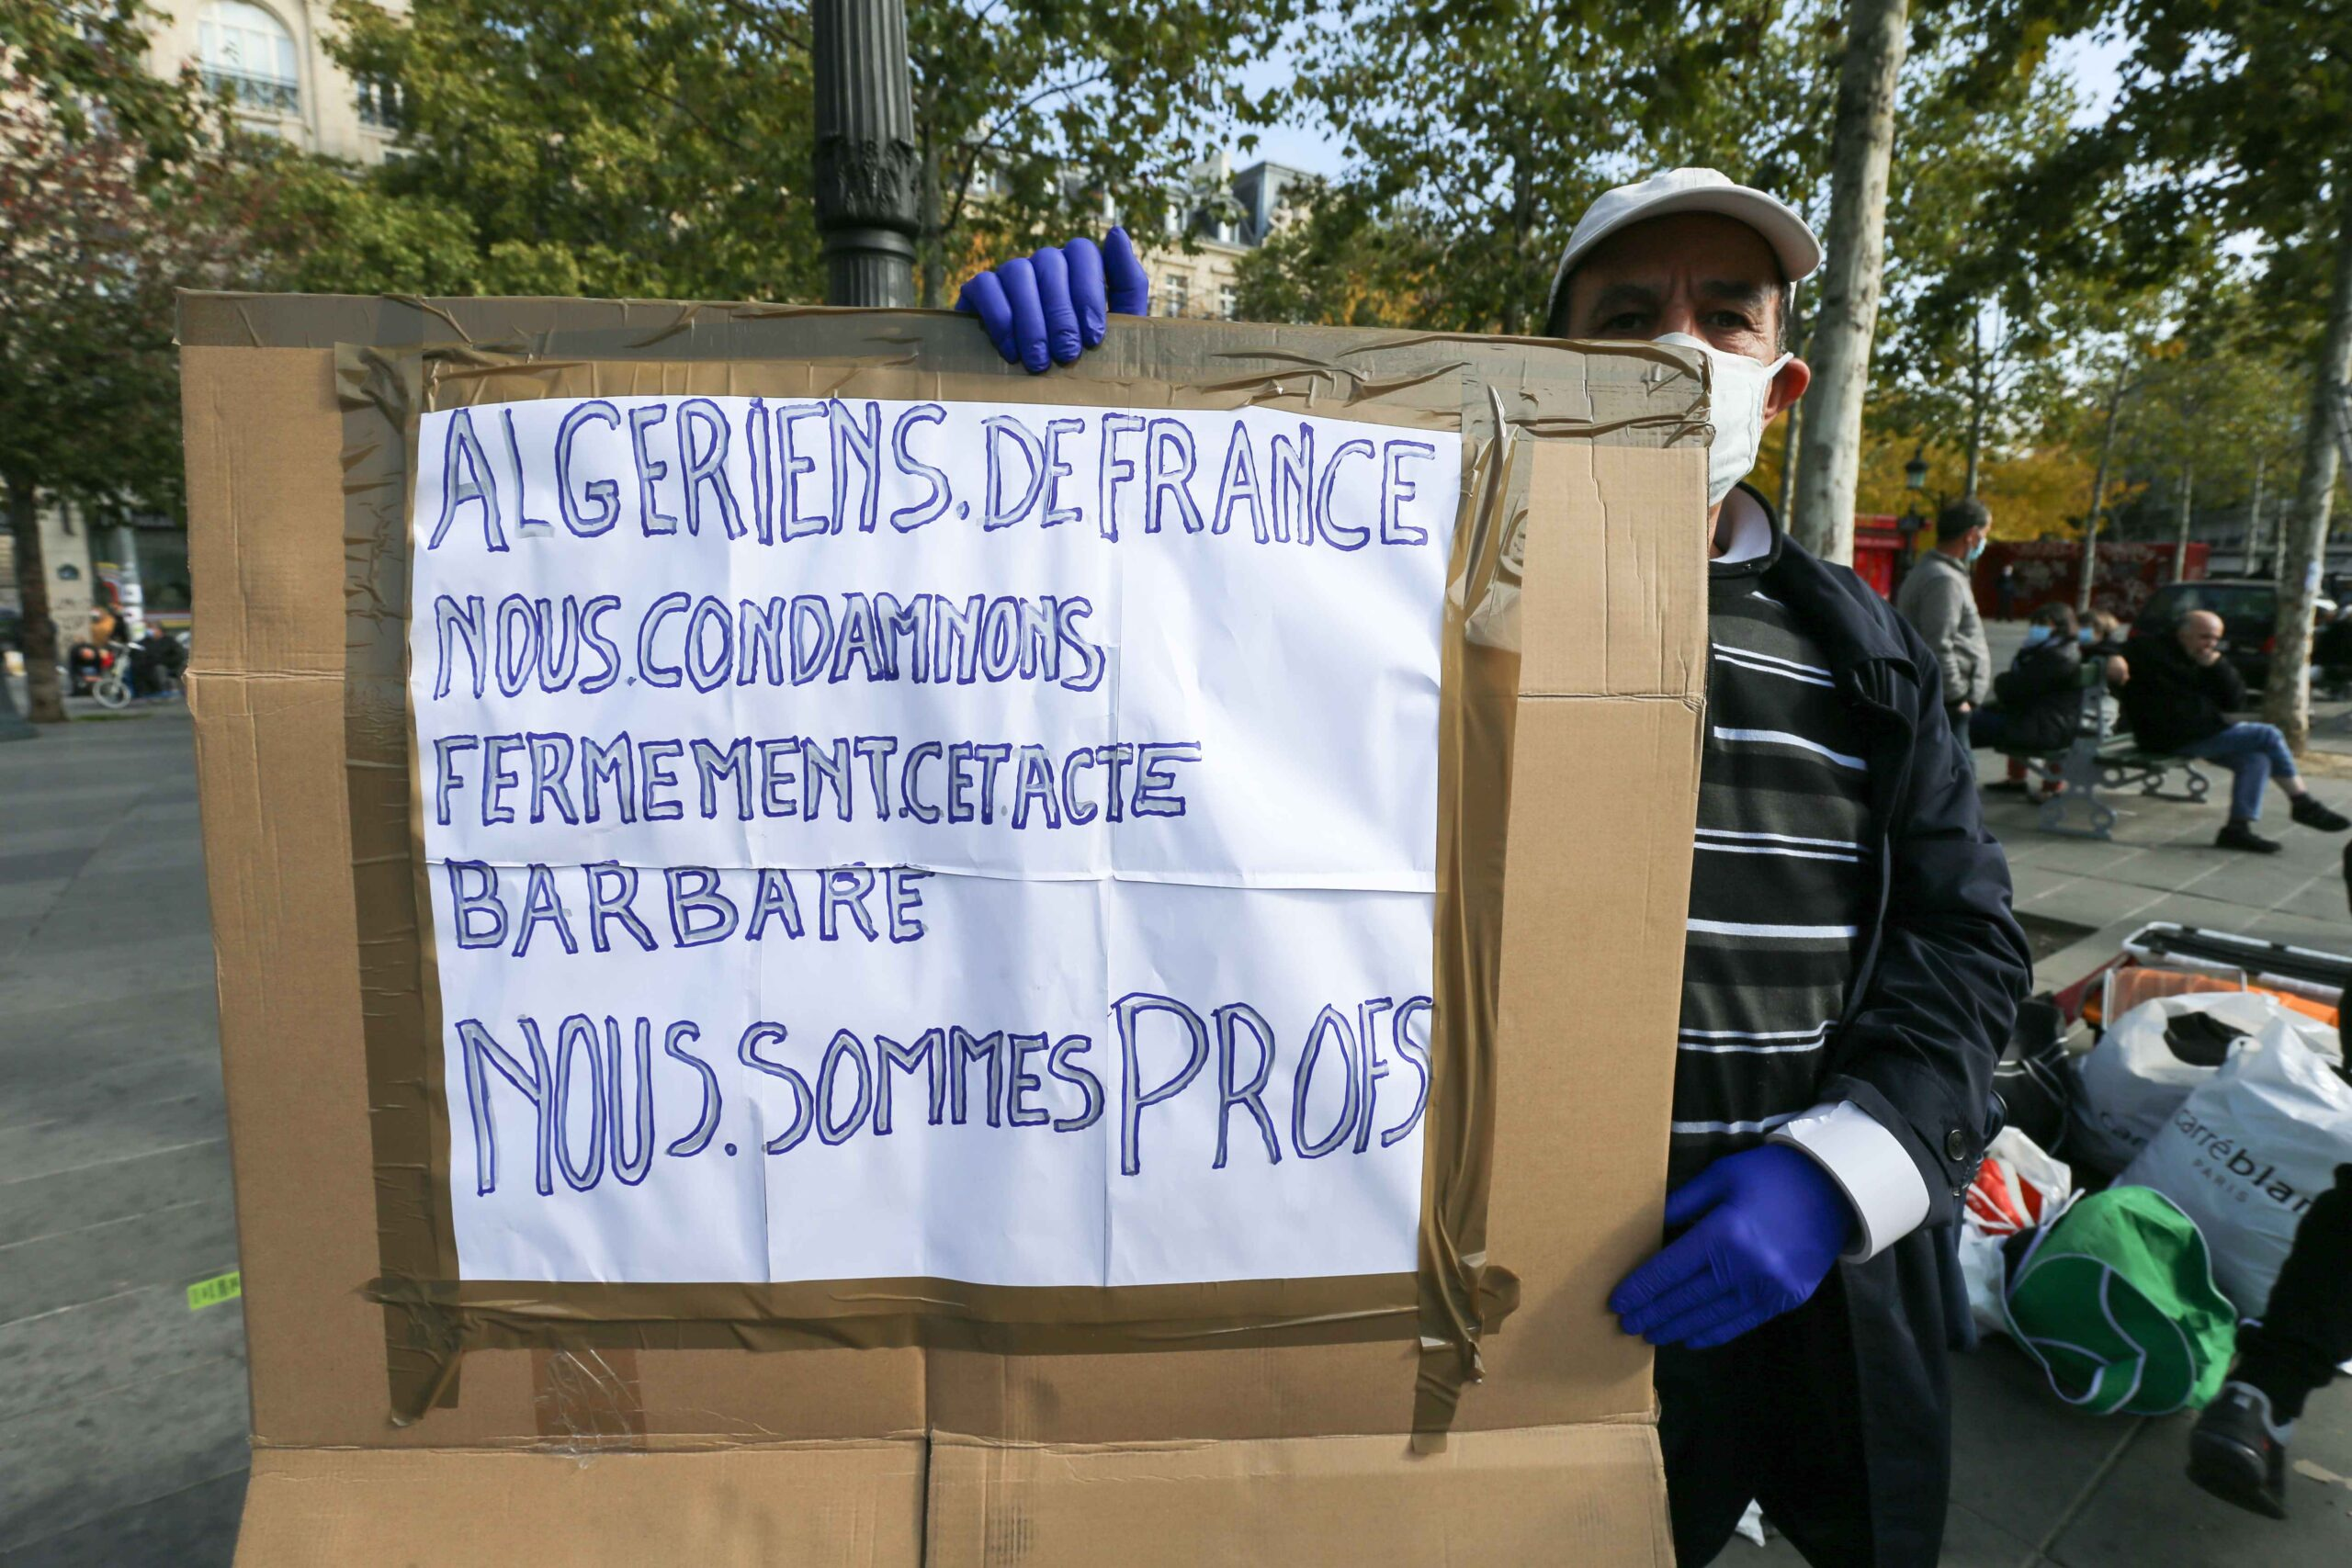 Des professeurs algériens condamnent l'attentat. © Michel Stoupak. Dim 18.10.2020, 12h36m46.